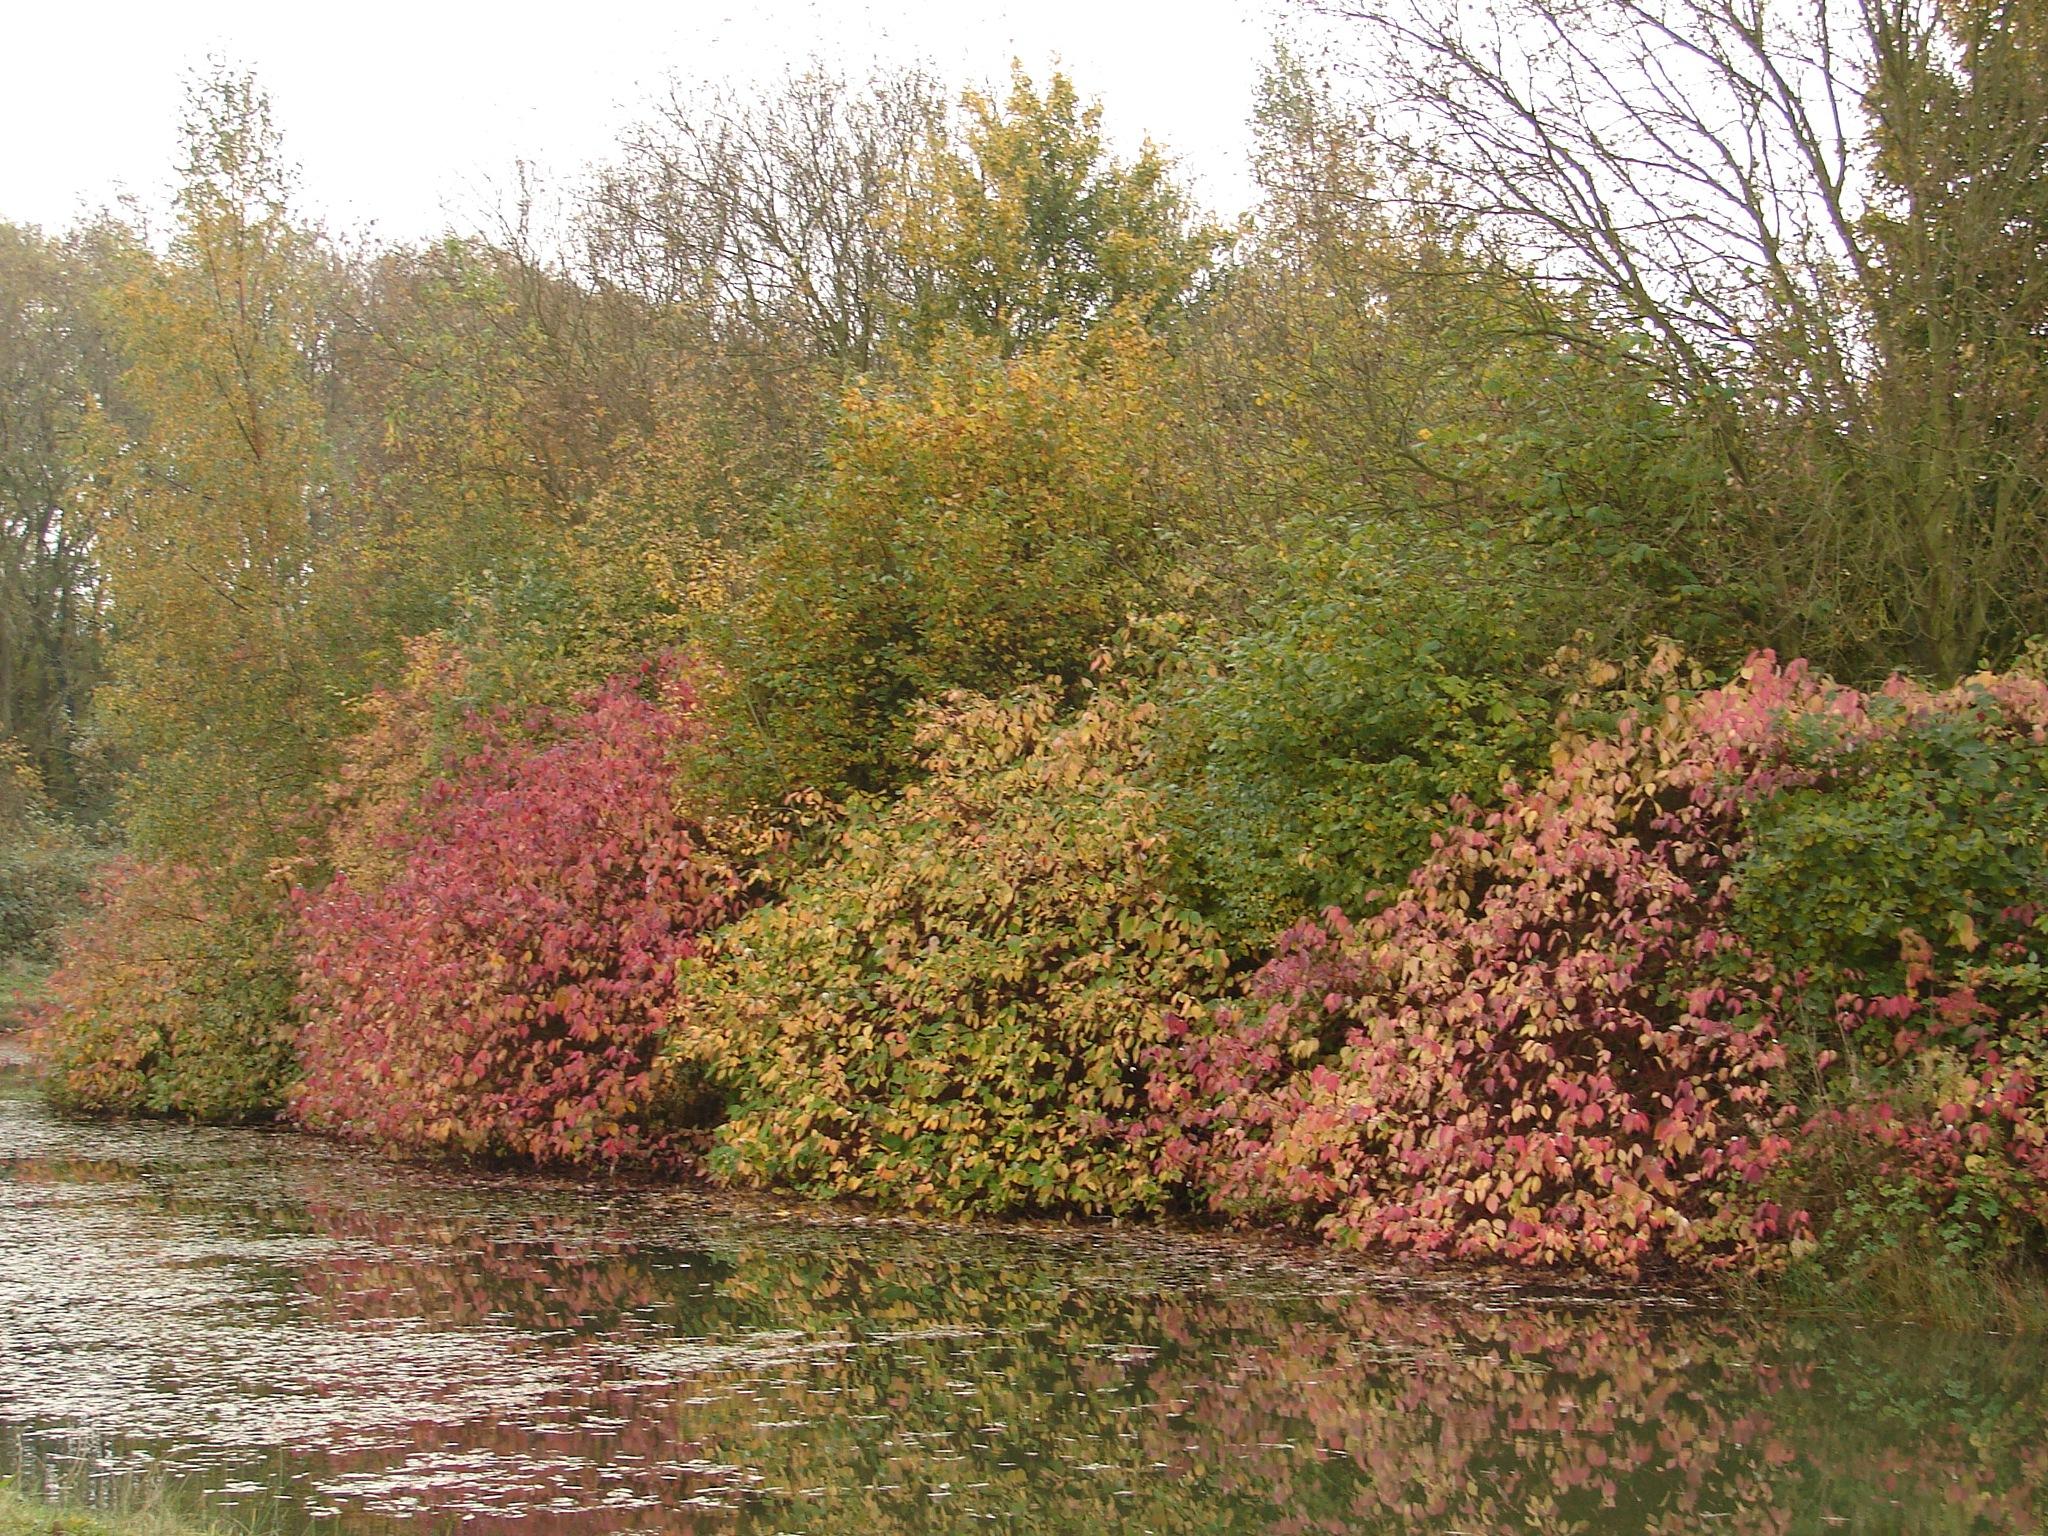 Autumn by Brian Johnson